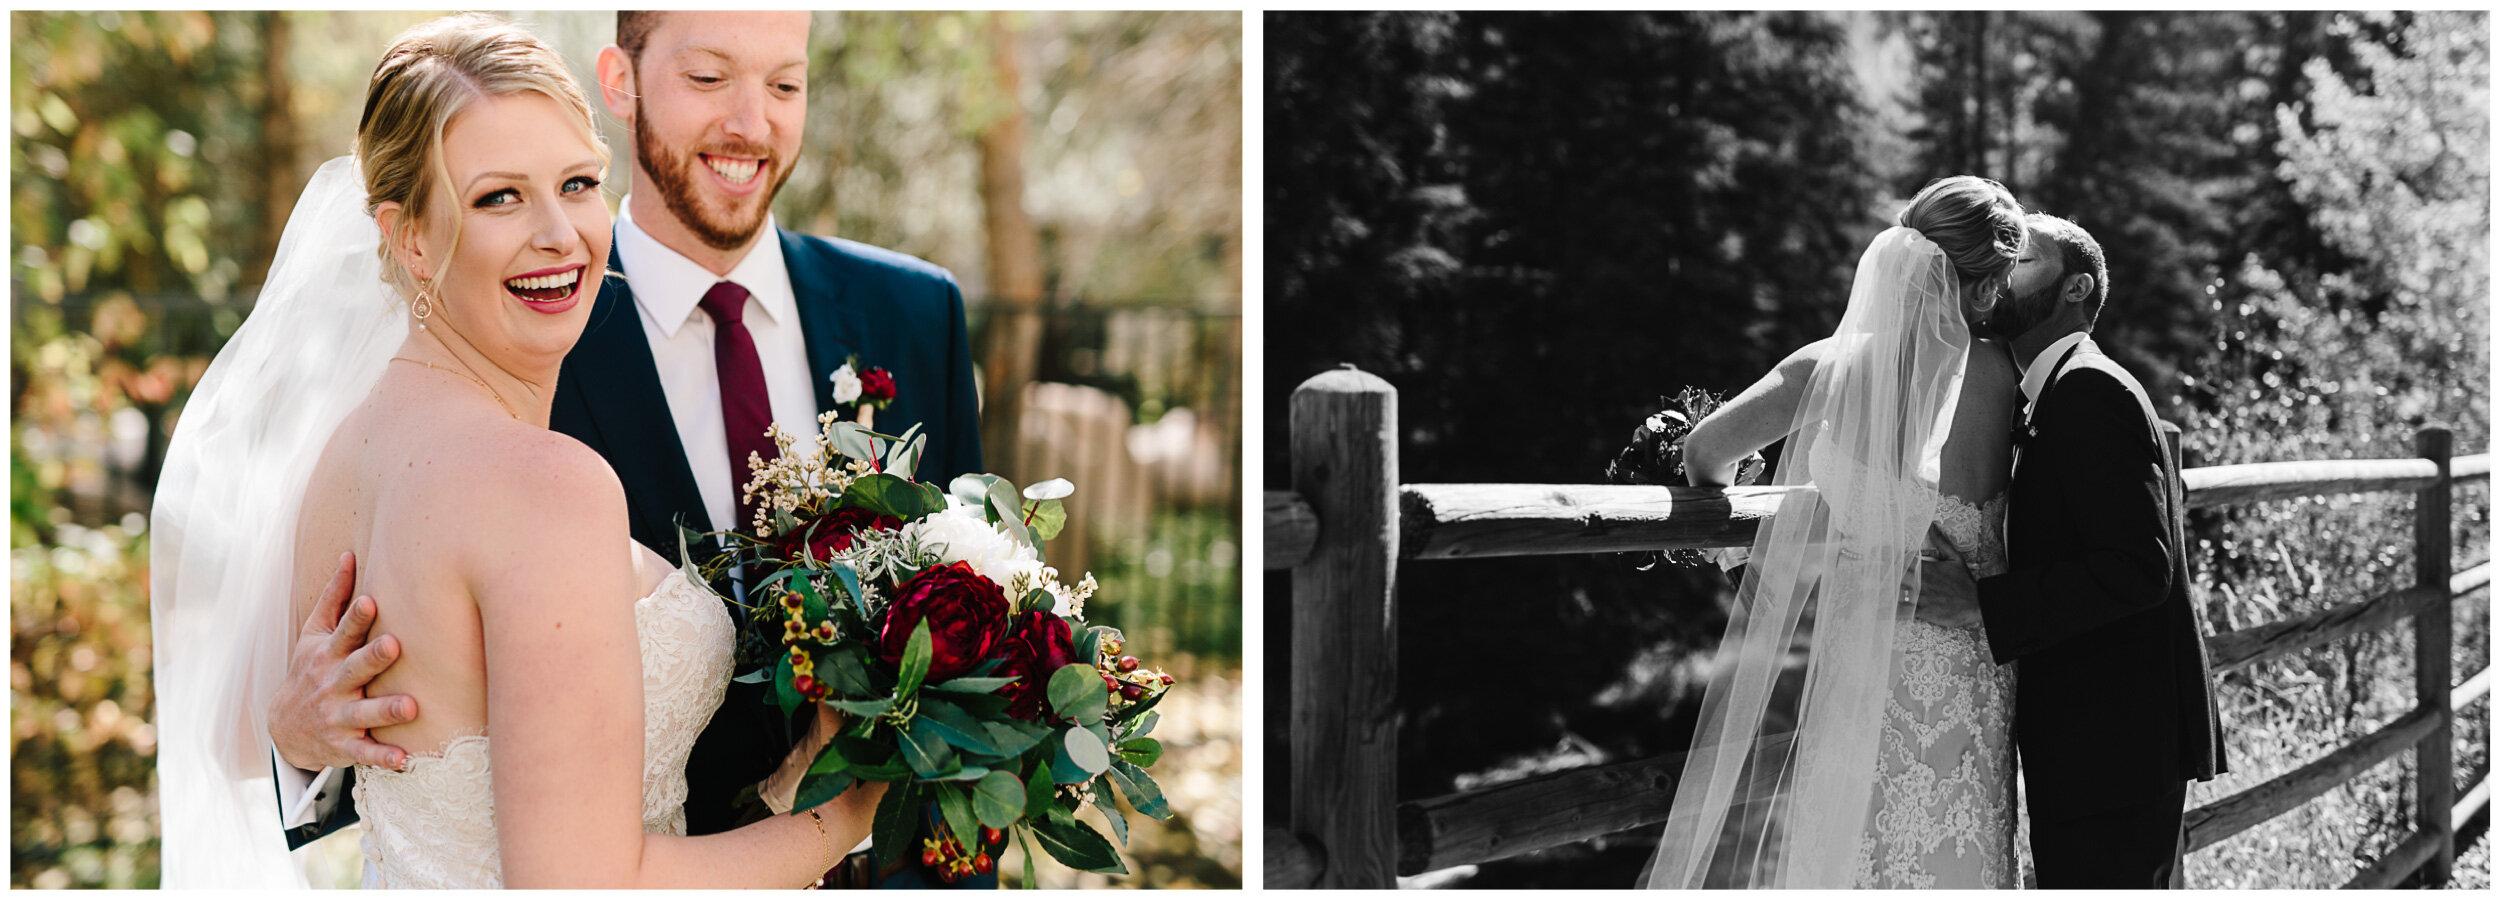 vail_wedding_43.jpg